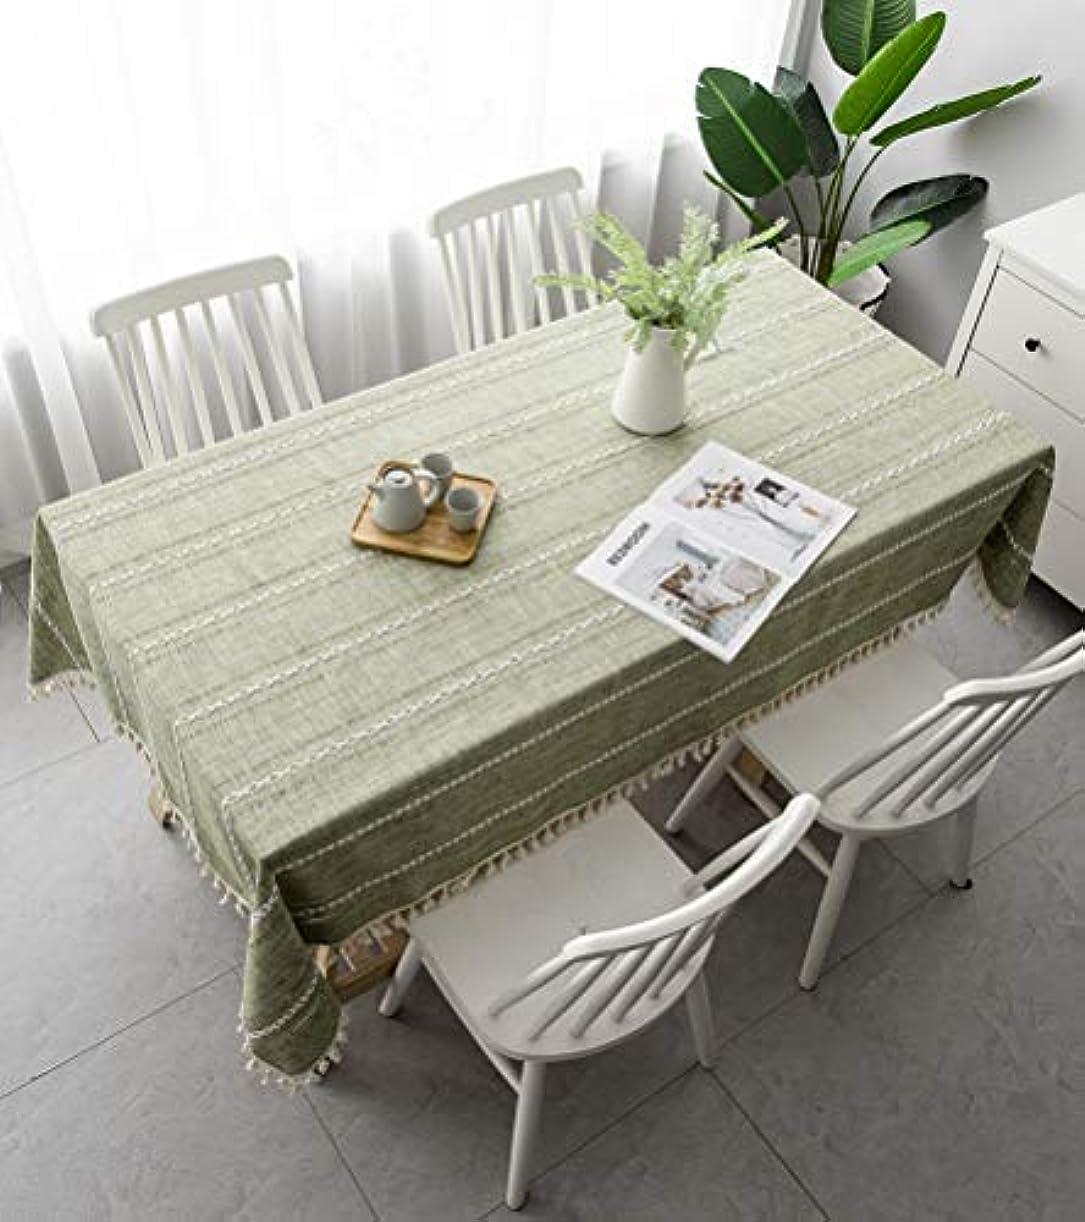 ペルソナファウル櫛テーブルクロス200分の220/180センチメートル綿と麻長方形のテーブルクロスファミリーキッチンレストラン休日のディナーパーティーの装飾,140x220